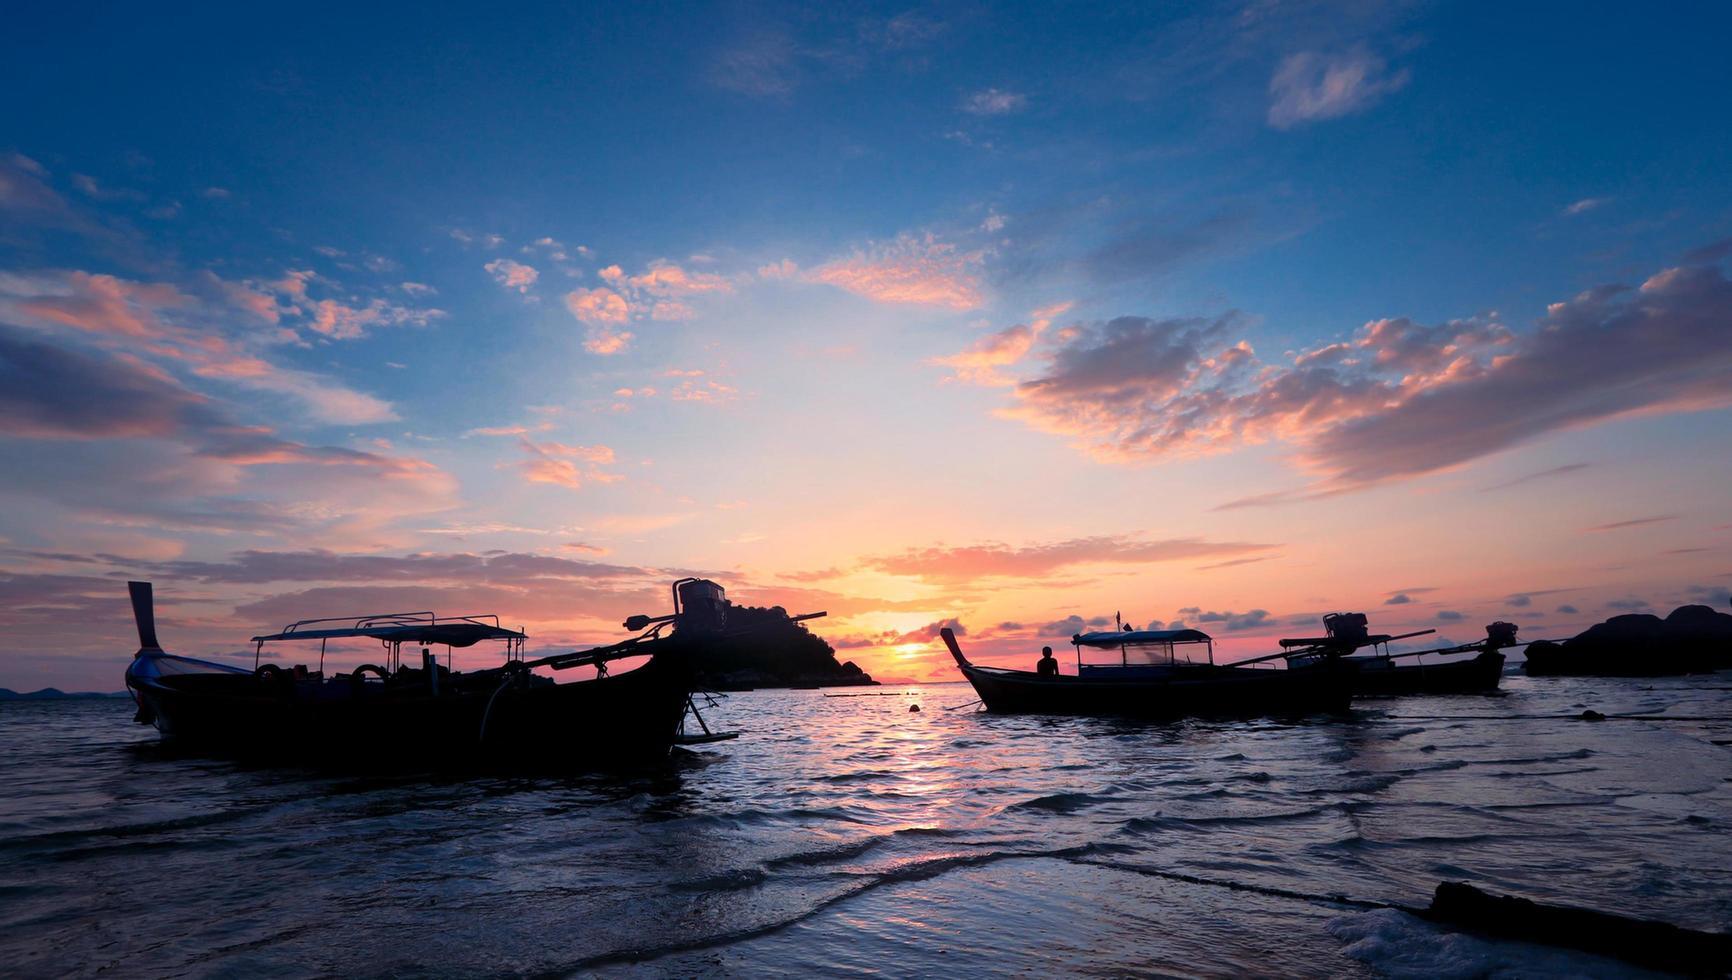 silhouet van houten boot in overzees met zonsondergang en blauwe hemel bij lepe-eiland in Thailand foto